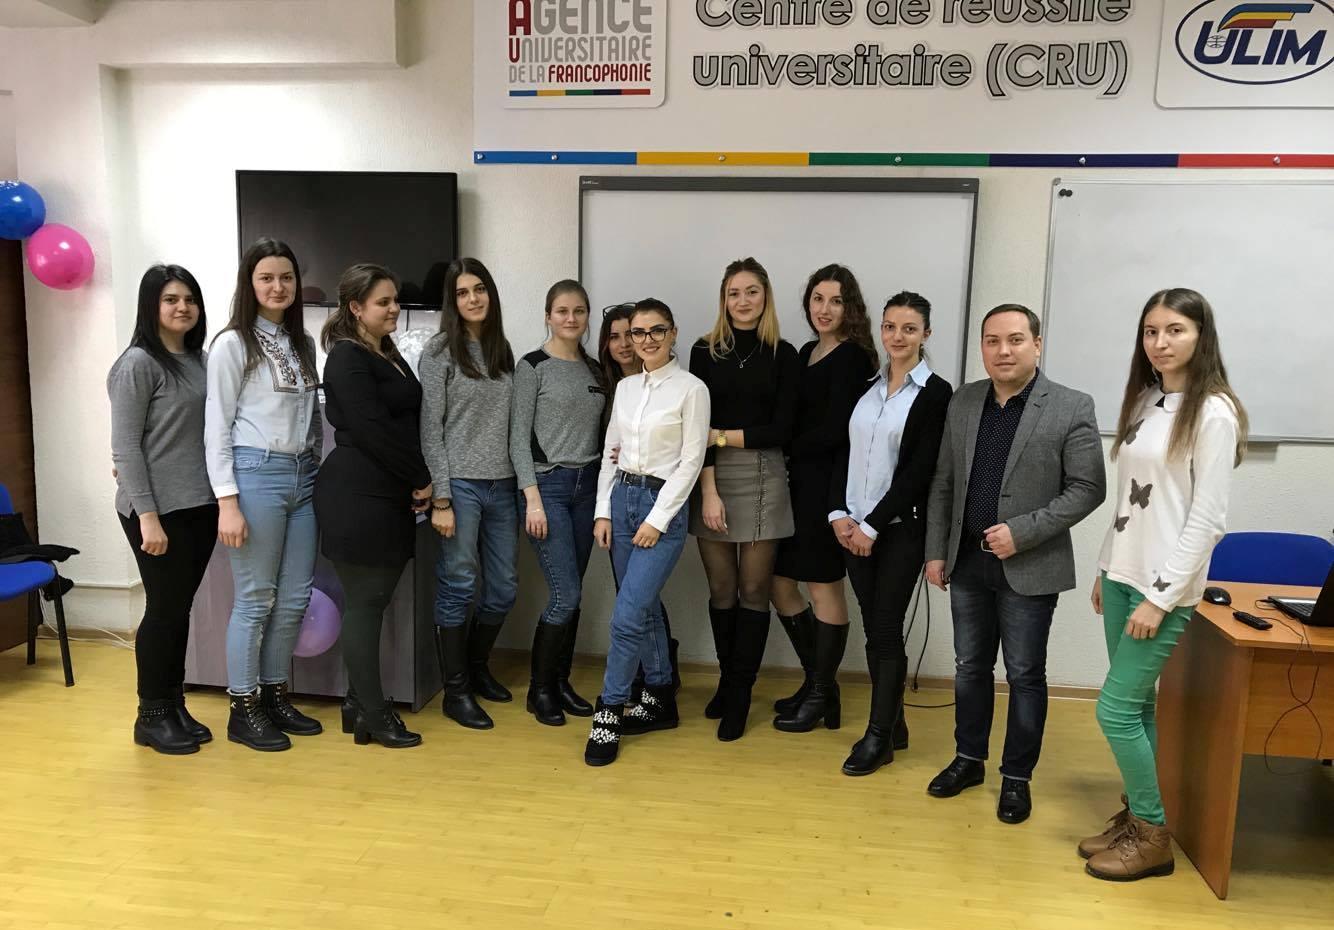 Inovaţie în materie de cercetare ştiinţifică studenţească la Facultatea de Litere ULIM